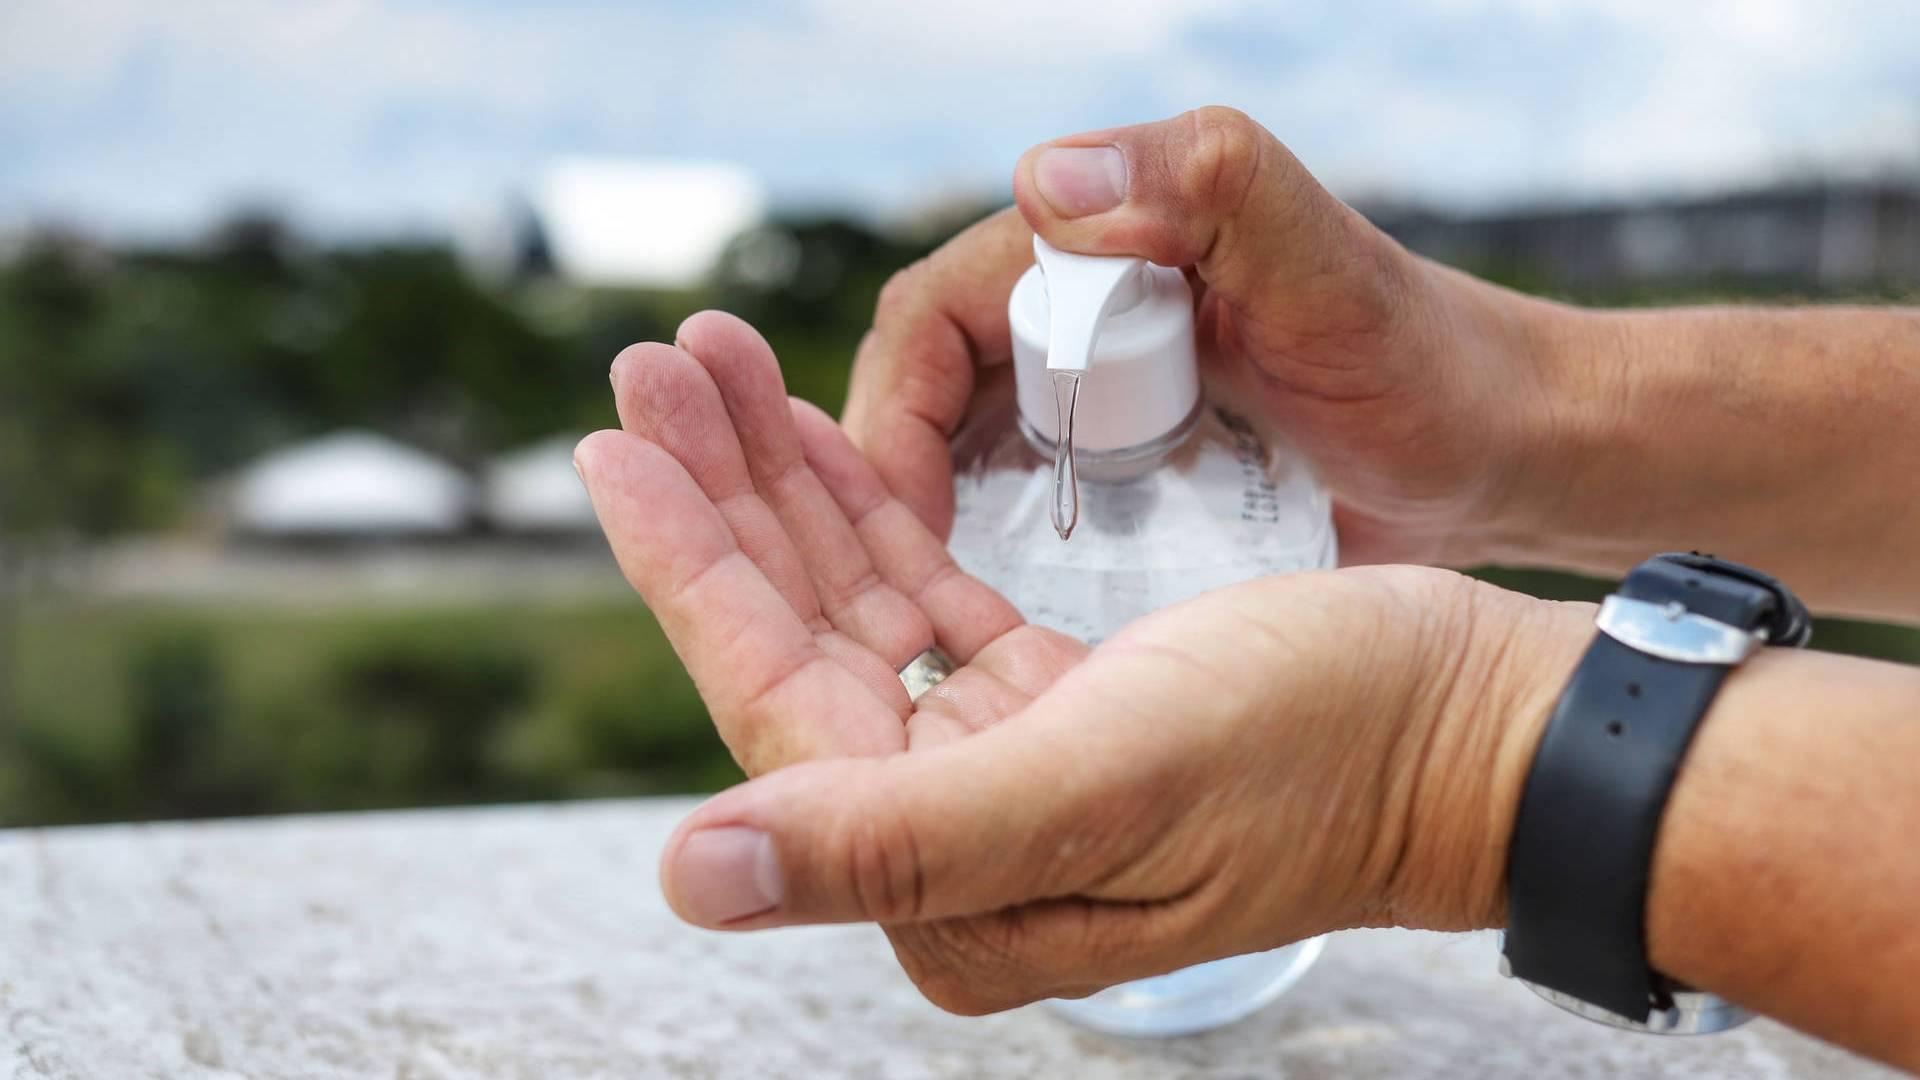 Profissionais do Hospital Regional do Oeste reforçam importância da higienização das mãos